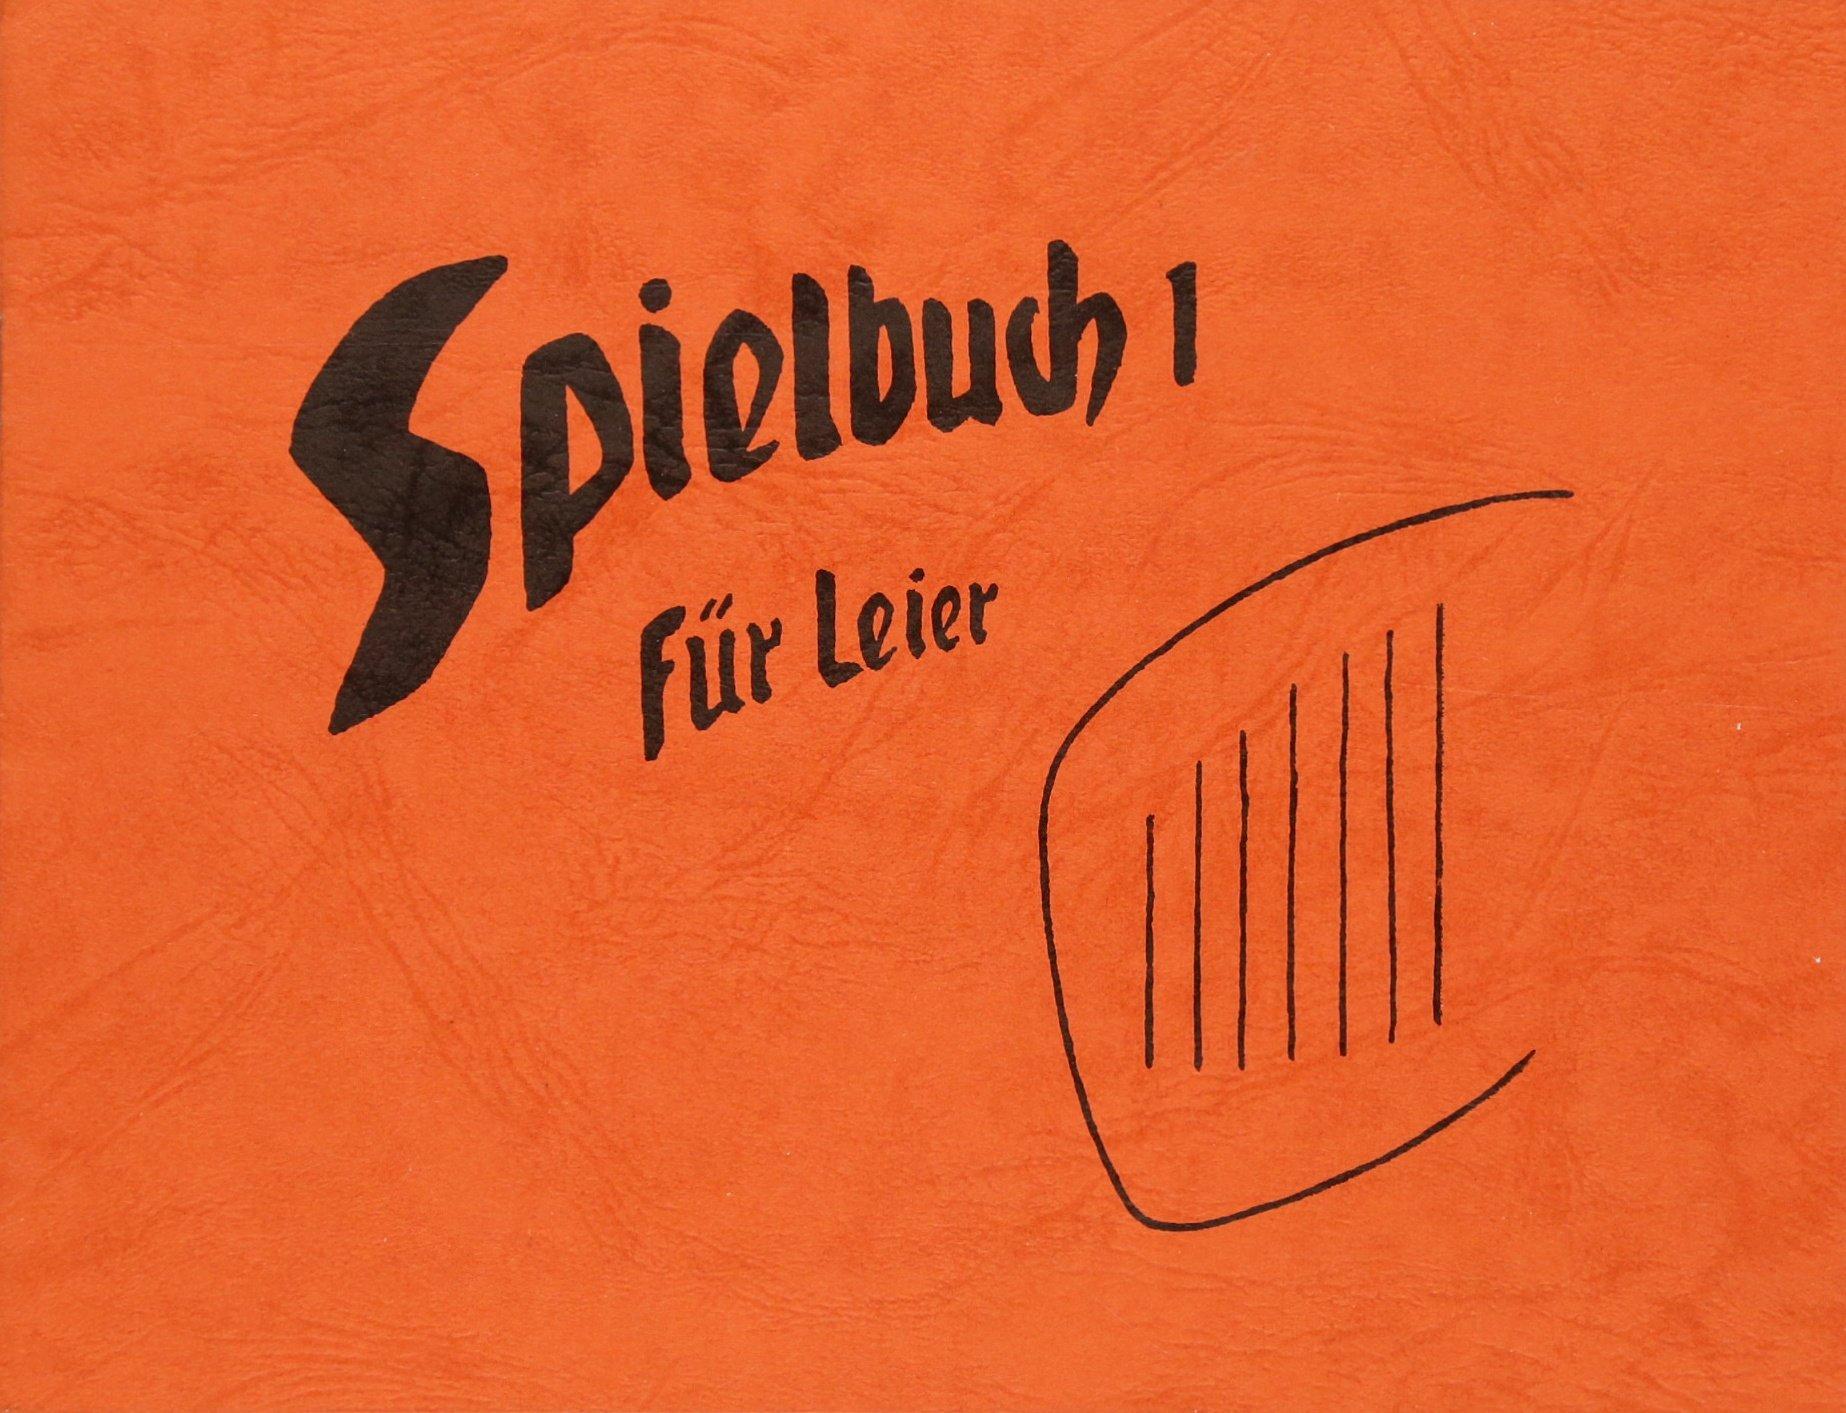 Spielbuch für Leier: Spielbuch, Bd.1, Für Leier (Edition Bingenheim) Sondereinband – 1. Januar 1982 Julius Knierim Freies Geistesleben 3772513514 Instrumentenunterricht